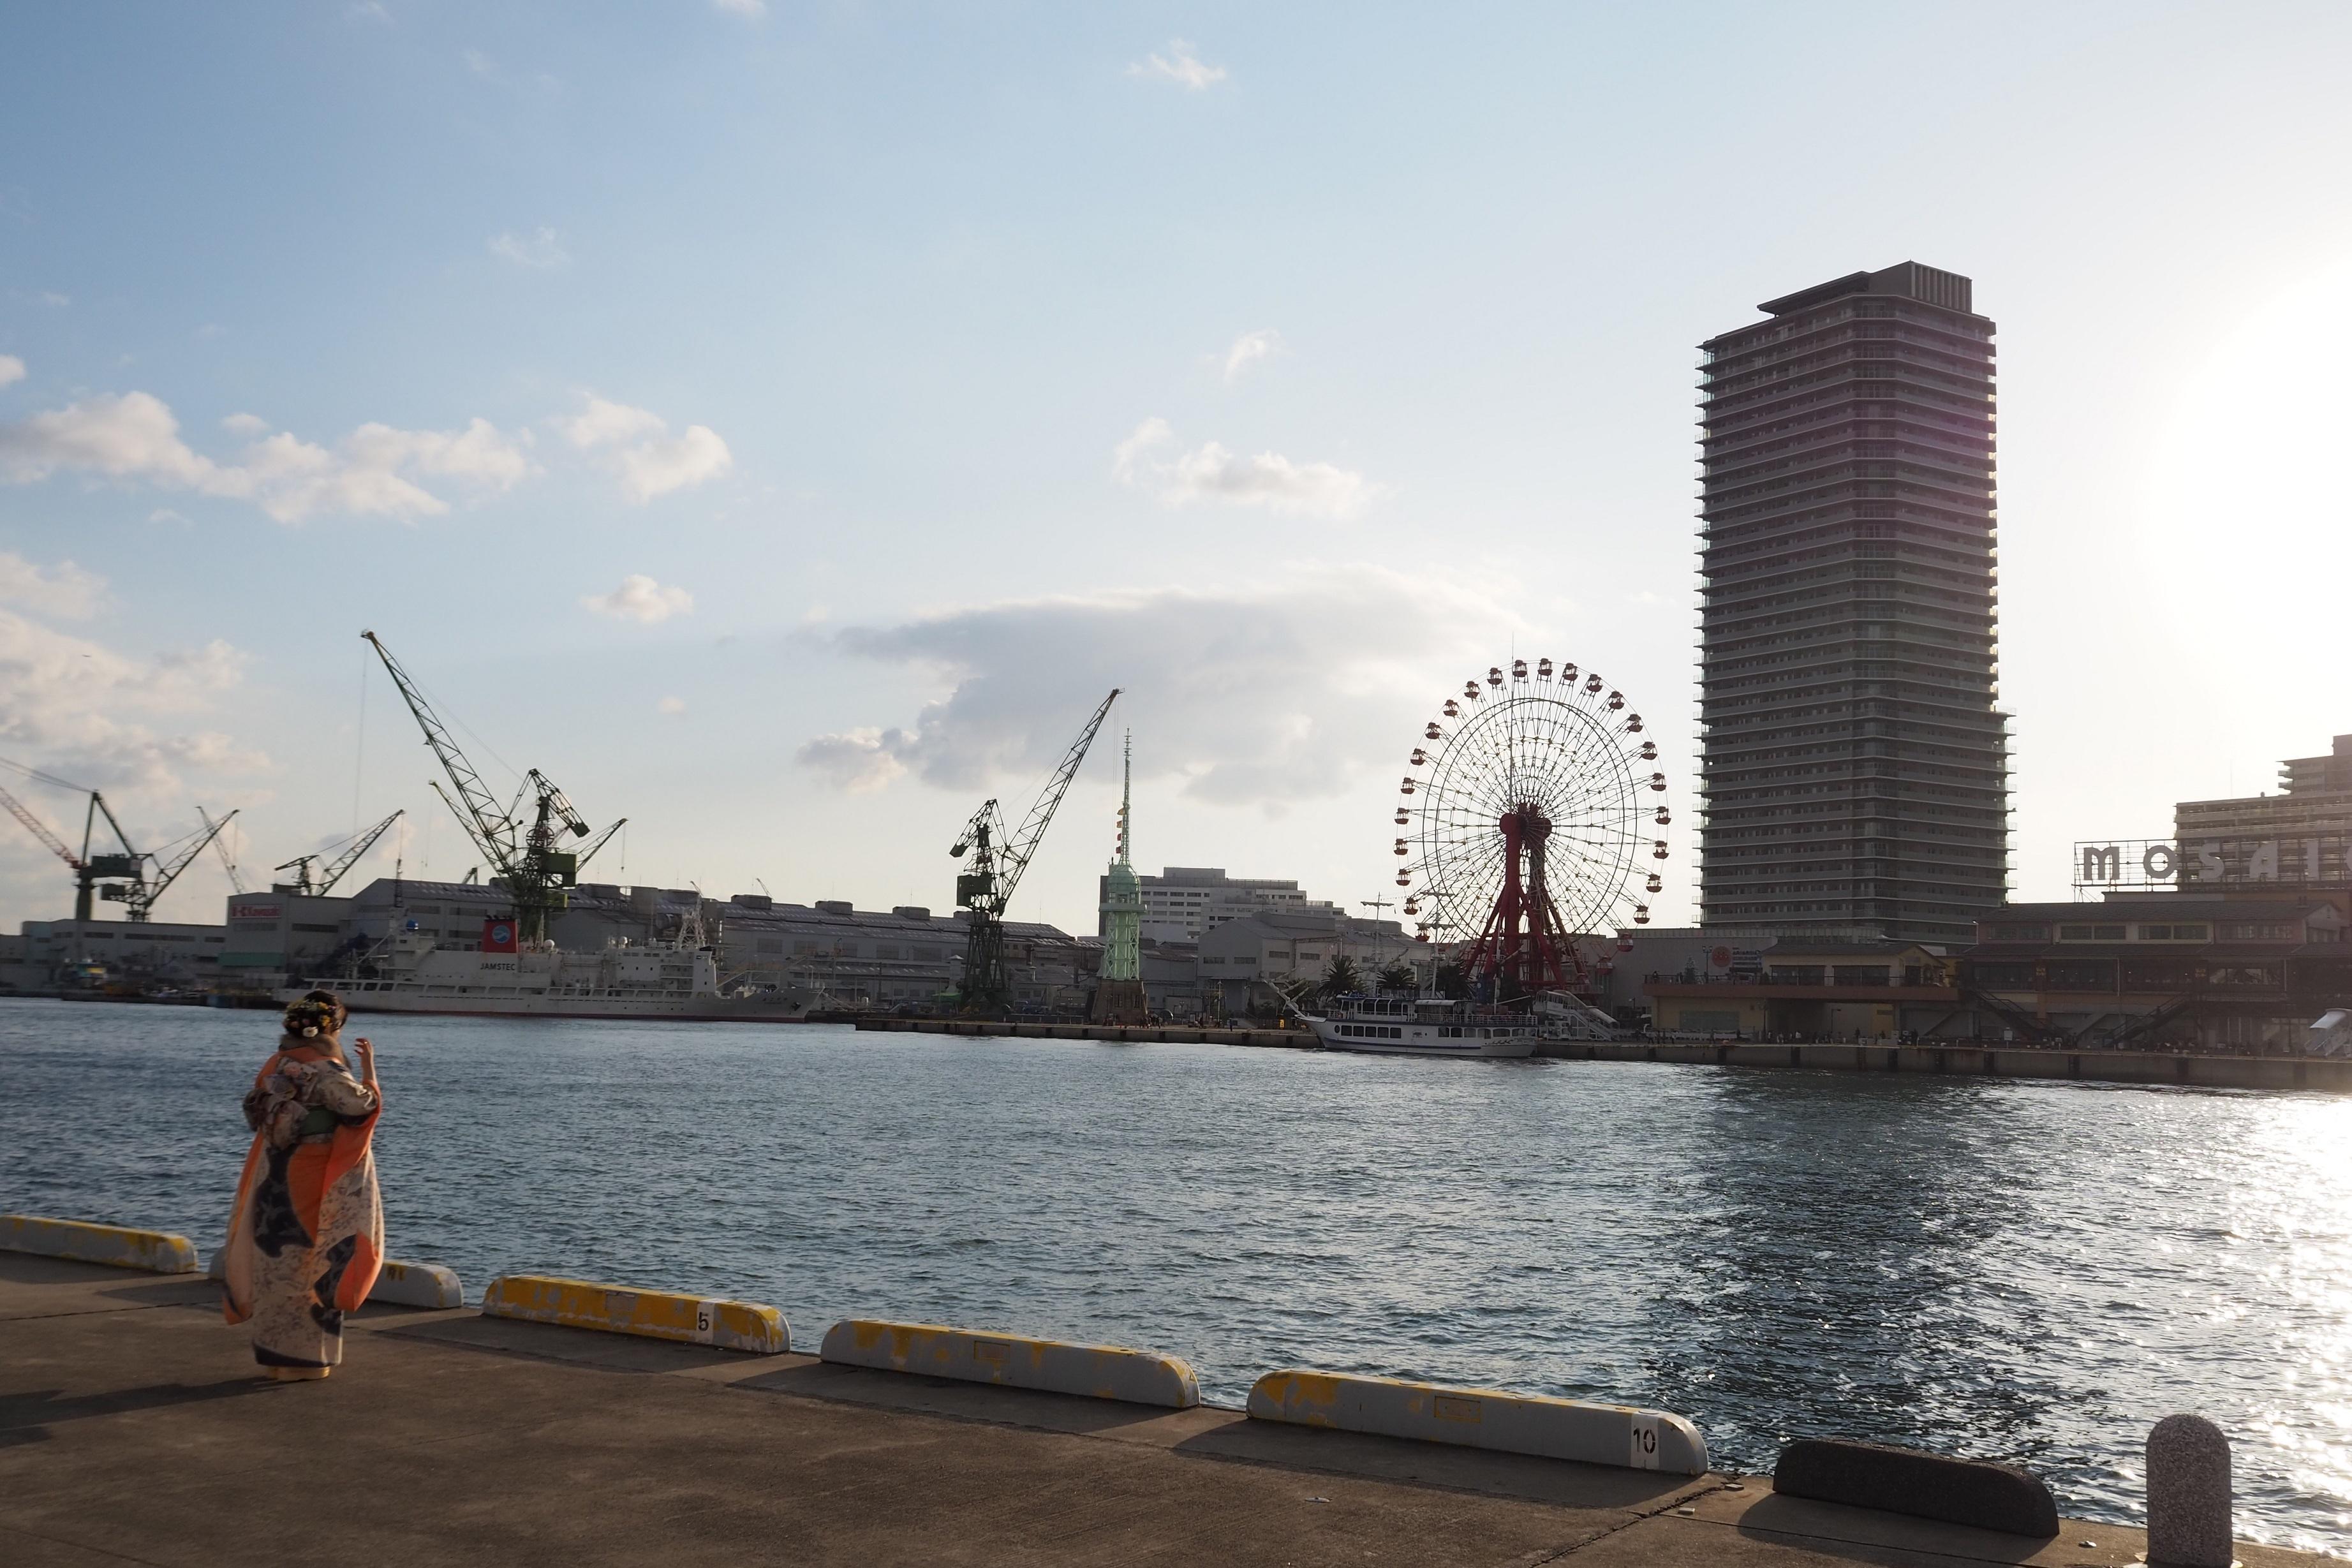 ぴーきち&ダイナ 有馬温泉ツーリング 神戸メリケンパーク 波止場